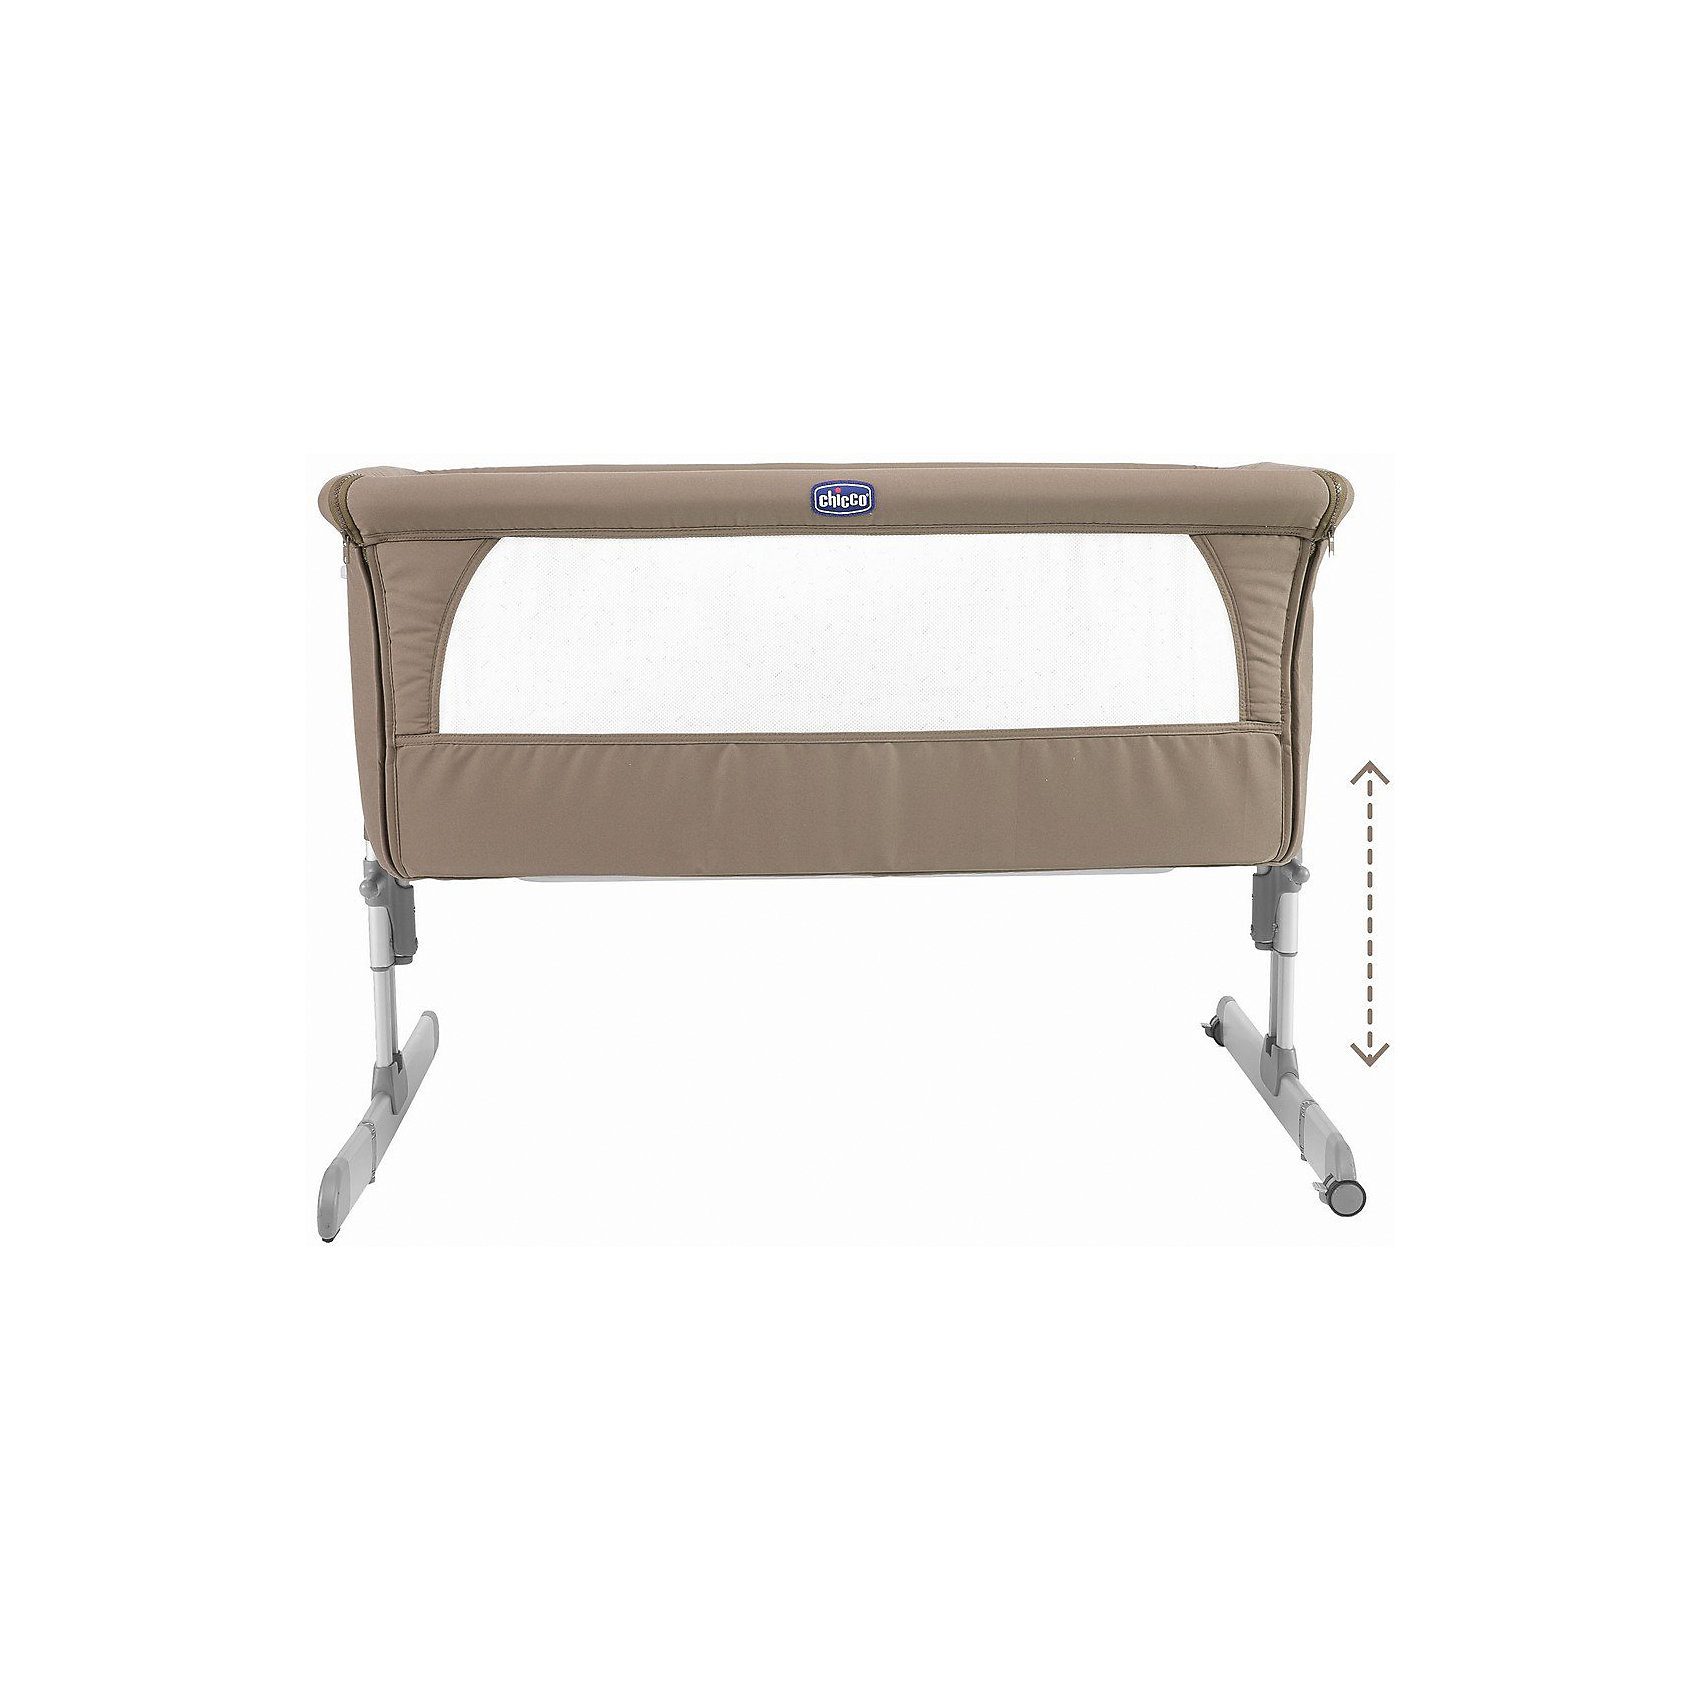 Функциональная кроватка Next2me, Dove Grey, Chicco (CHICCO)